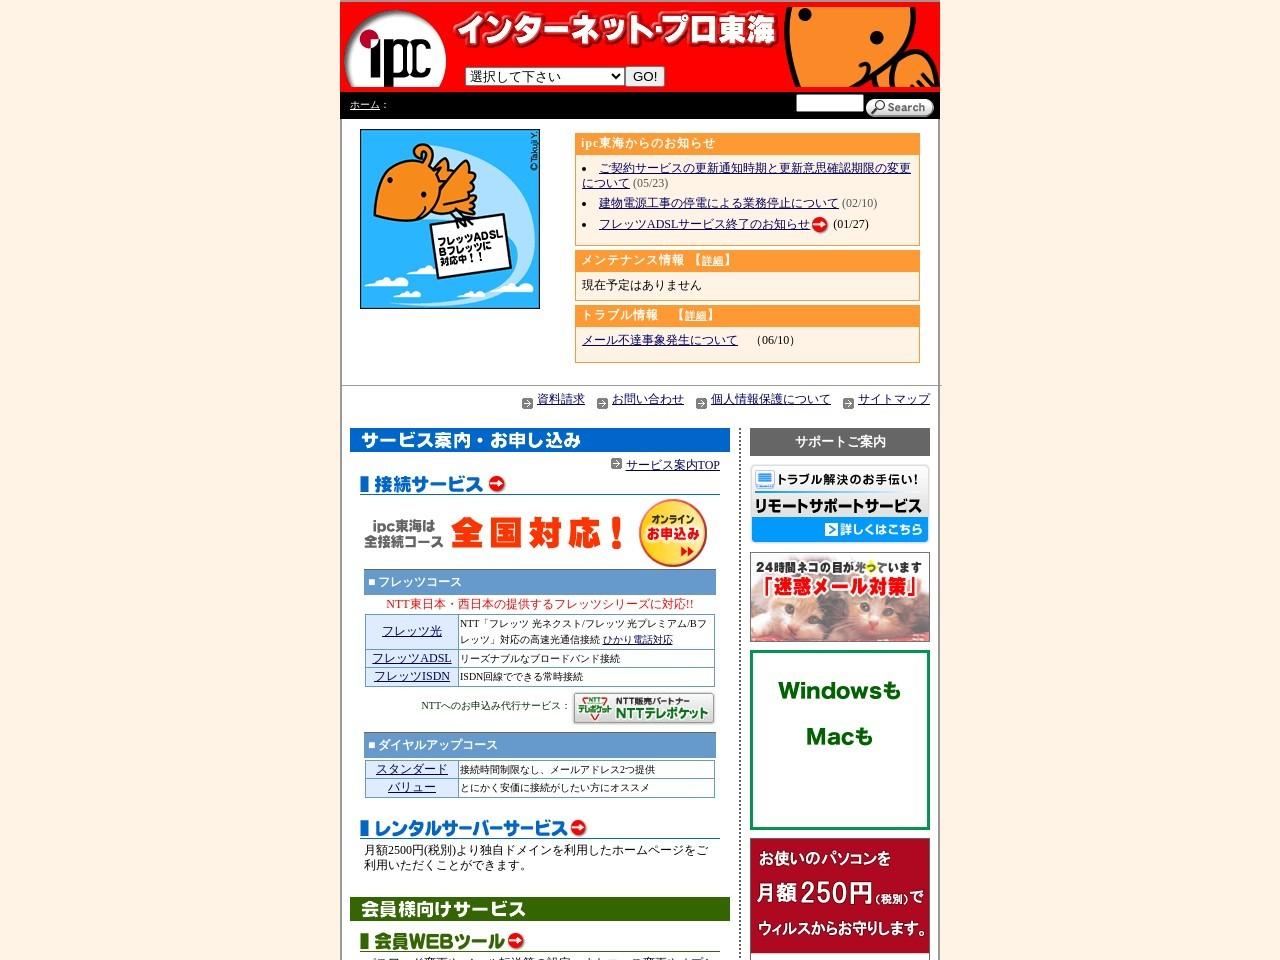 名古屋・三河・知多エリアのフレッツ光&インターネットならipc東海